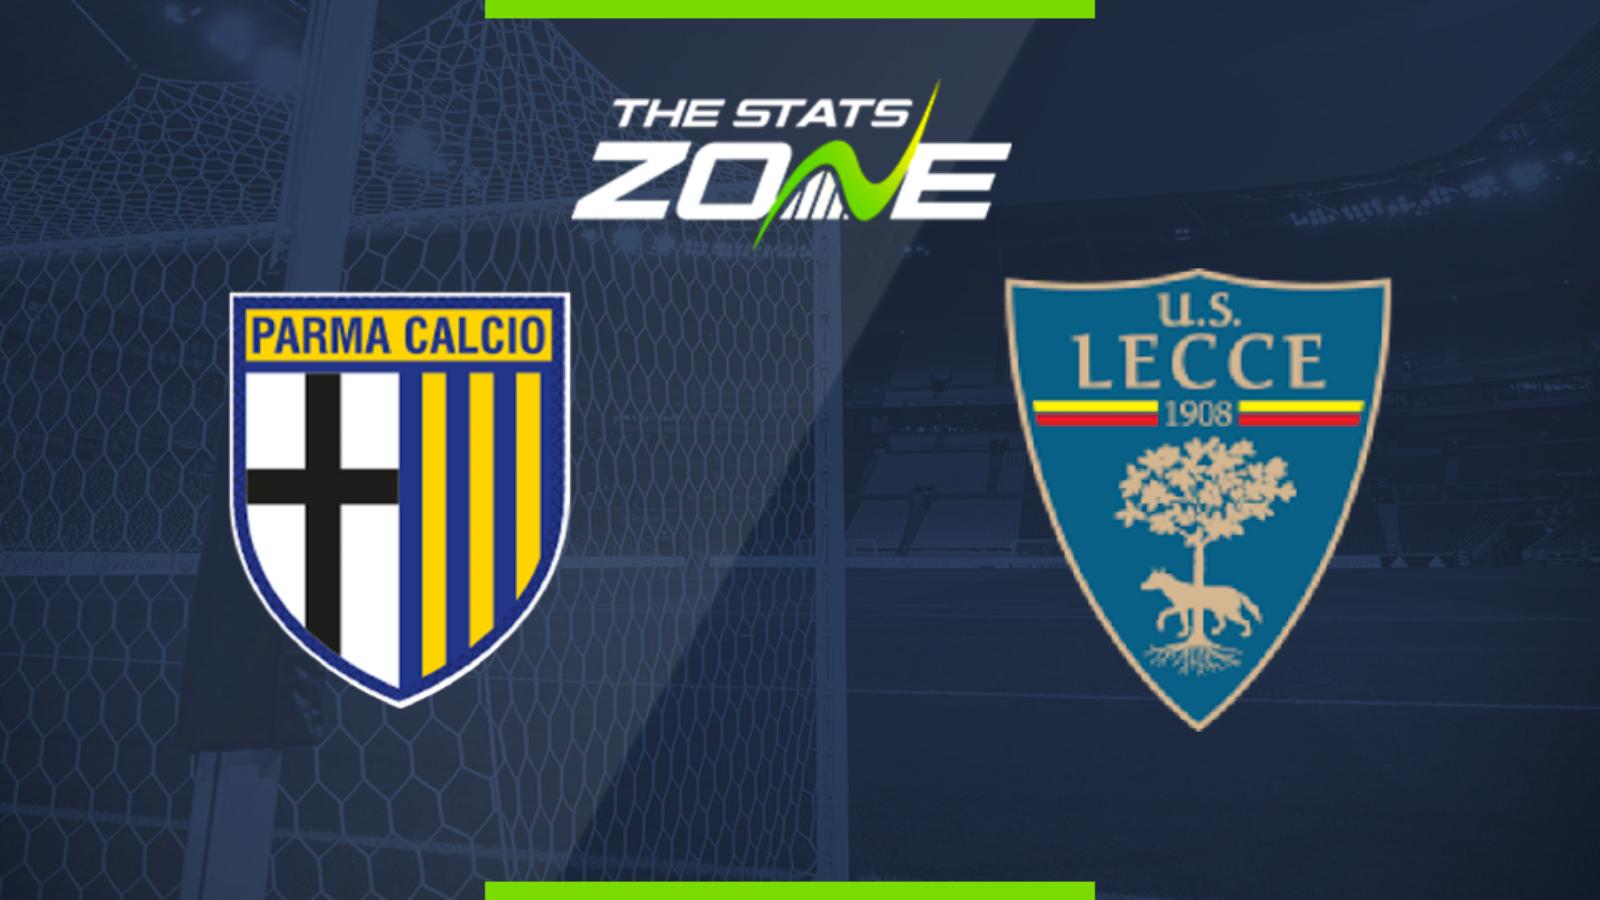 Serie A Parma Vs Lecce Preview Prediction The Stats Zone